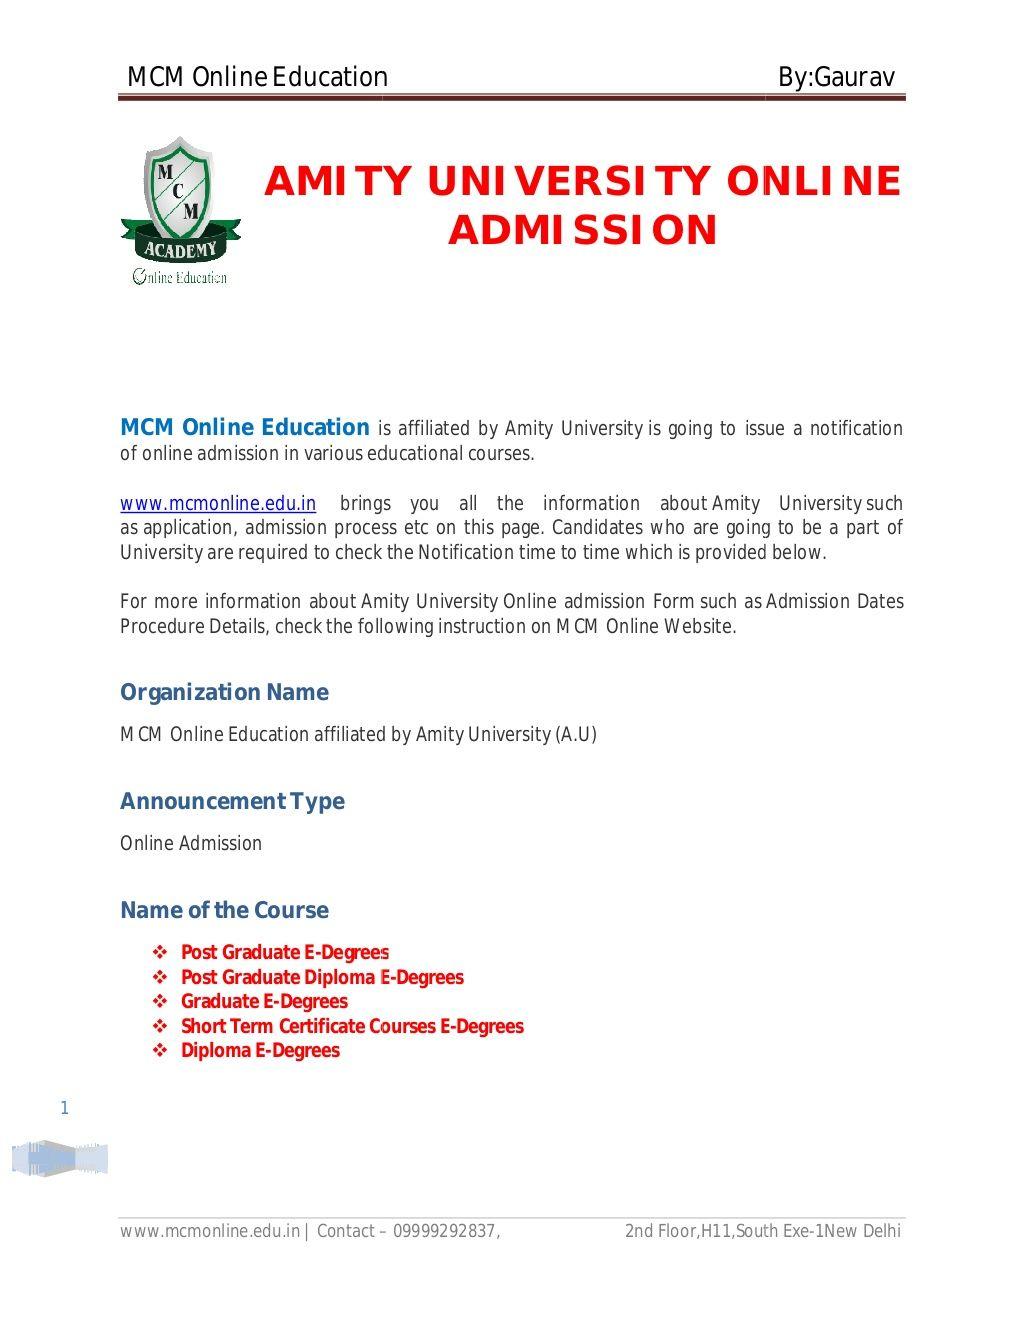 Amity university online admission amity university by mcm online amity university online admission amity university by mcm online education via slideshare yelopaper Choice Image